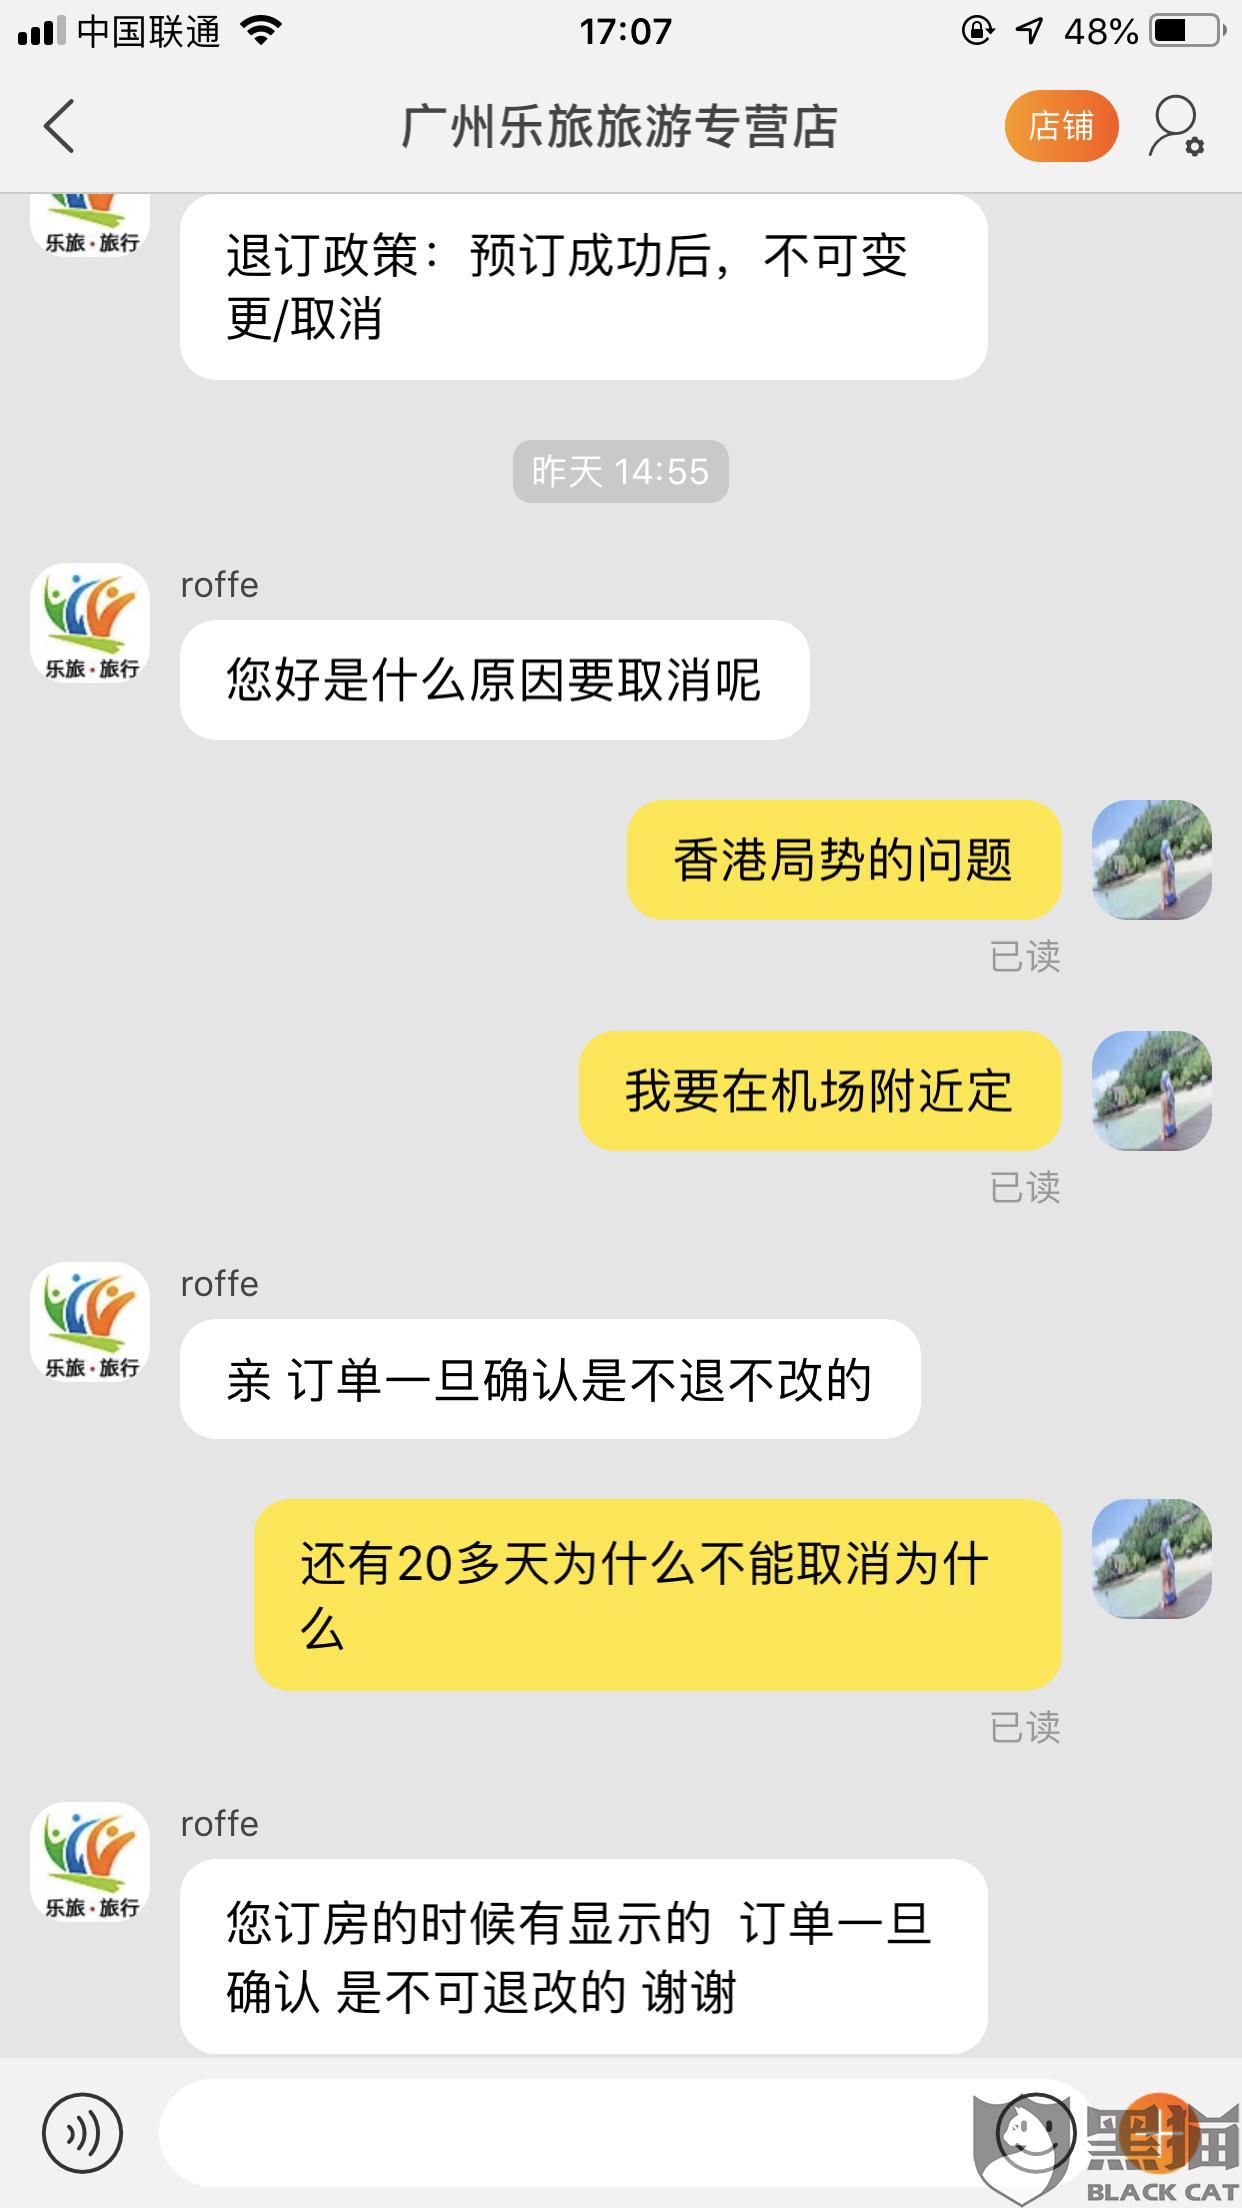 黑猫投诉:因为香港最近局势问题 我要退订预定的酒店 卖家和飞猪都不给退